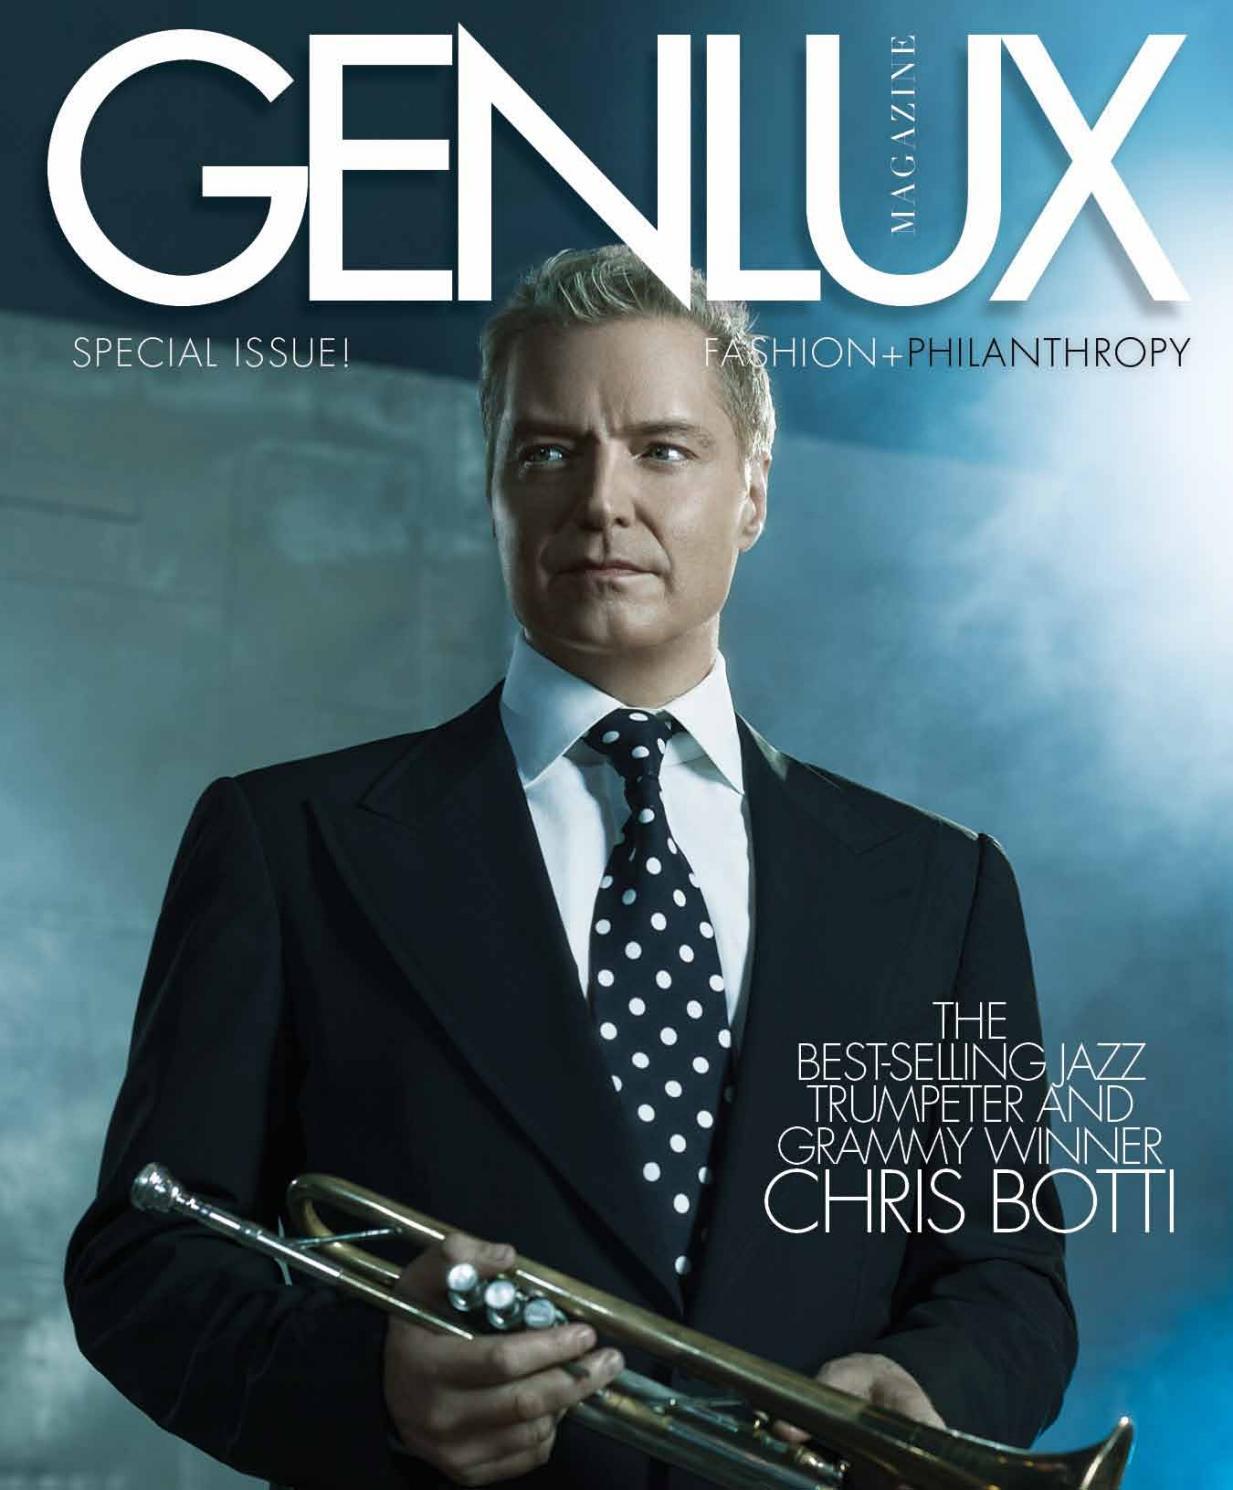 cb1690494013 GENLUX - CHRIS BOTTI by GENLUX - issuu